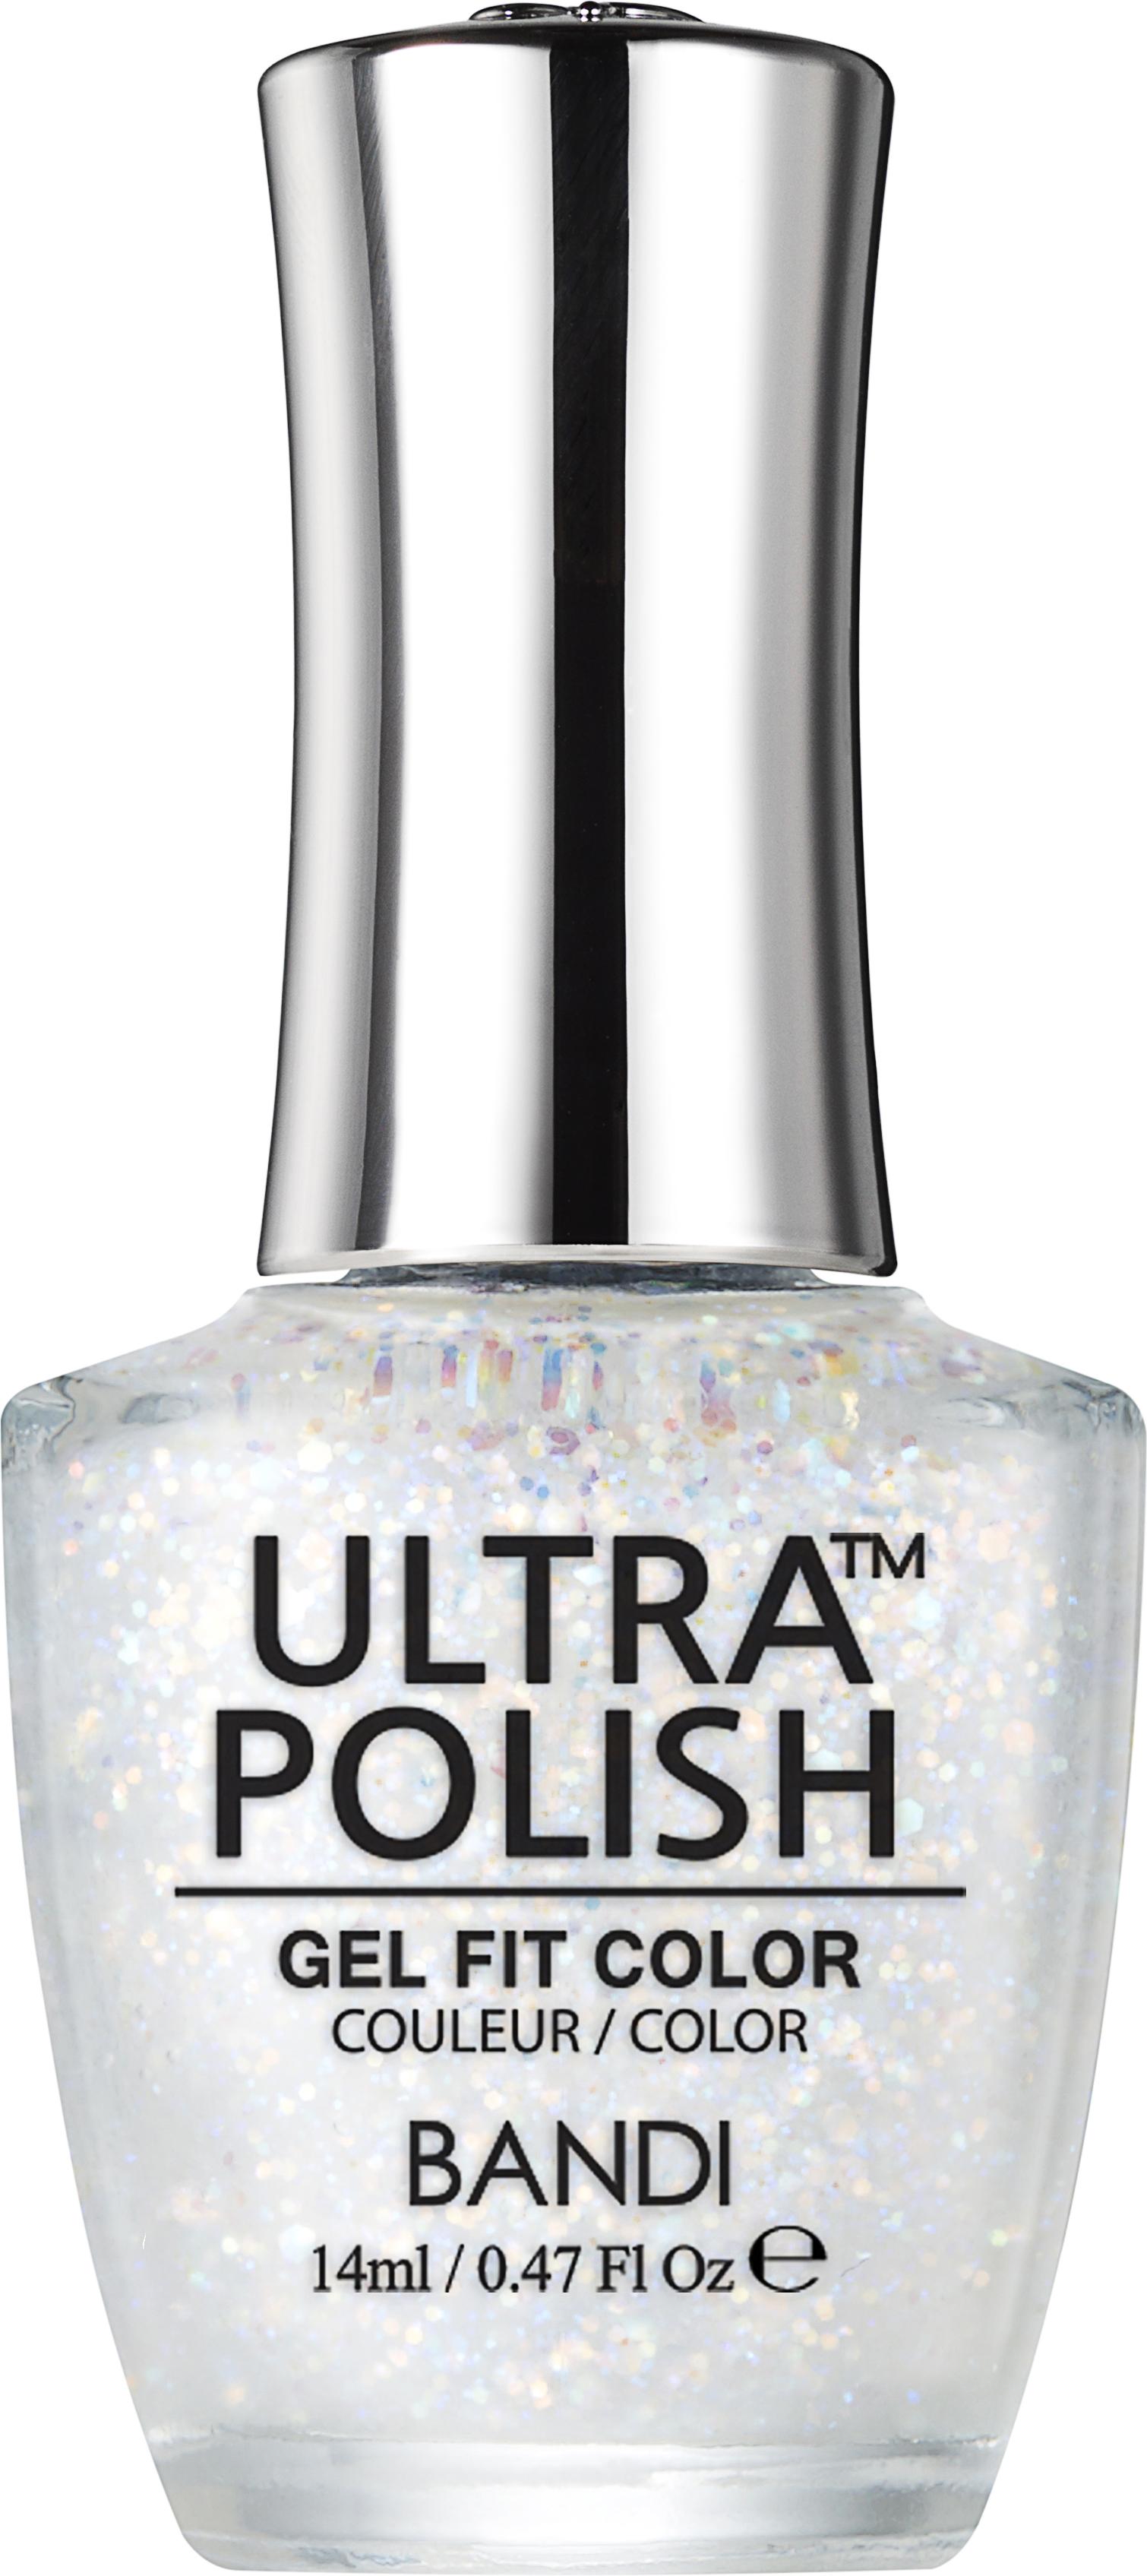 Купить BANDI UP804 ультра-покрытие долговременное цветное для ногтей / ULTRA POLISH GEL FIT COLOR 14 мл, Белые